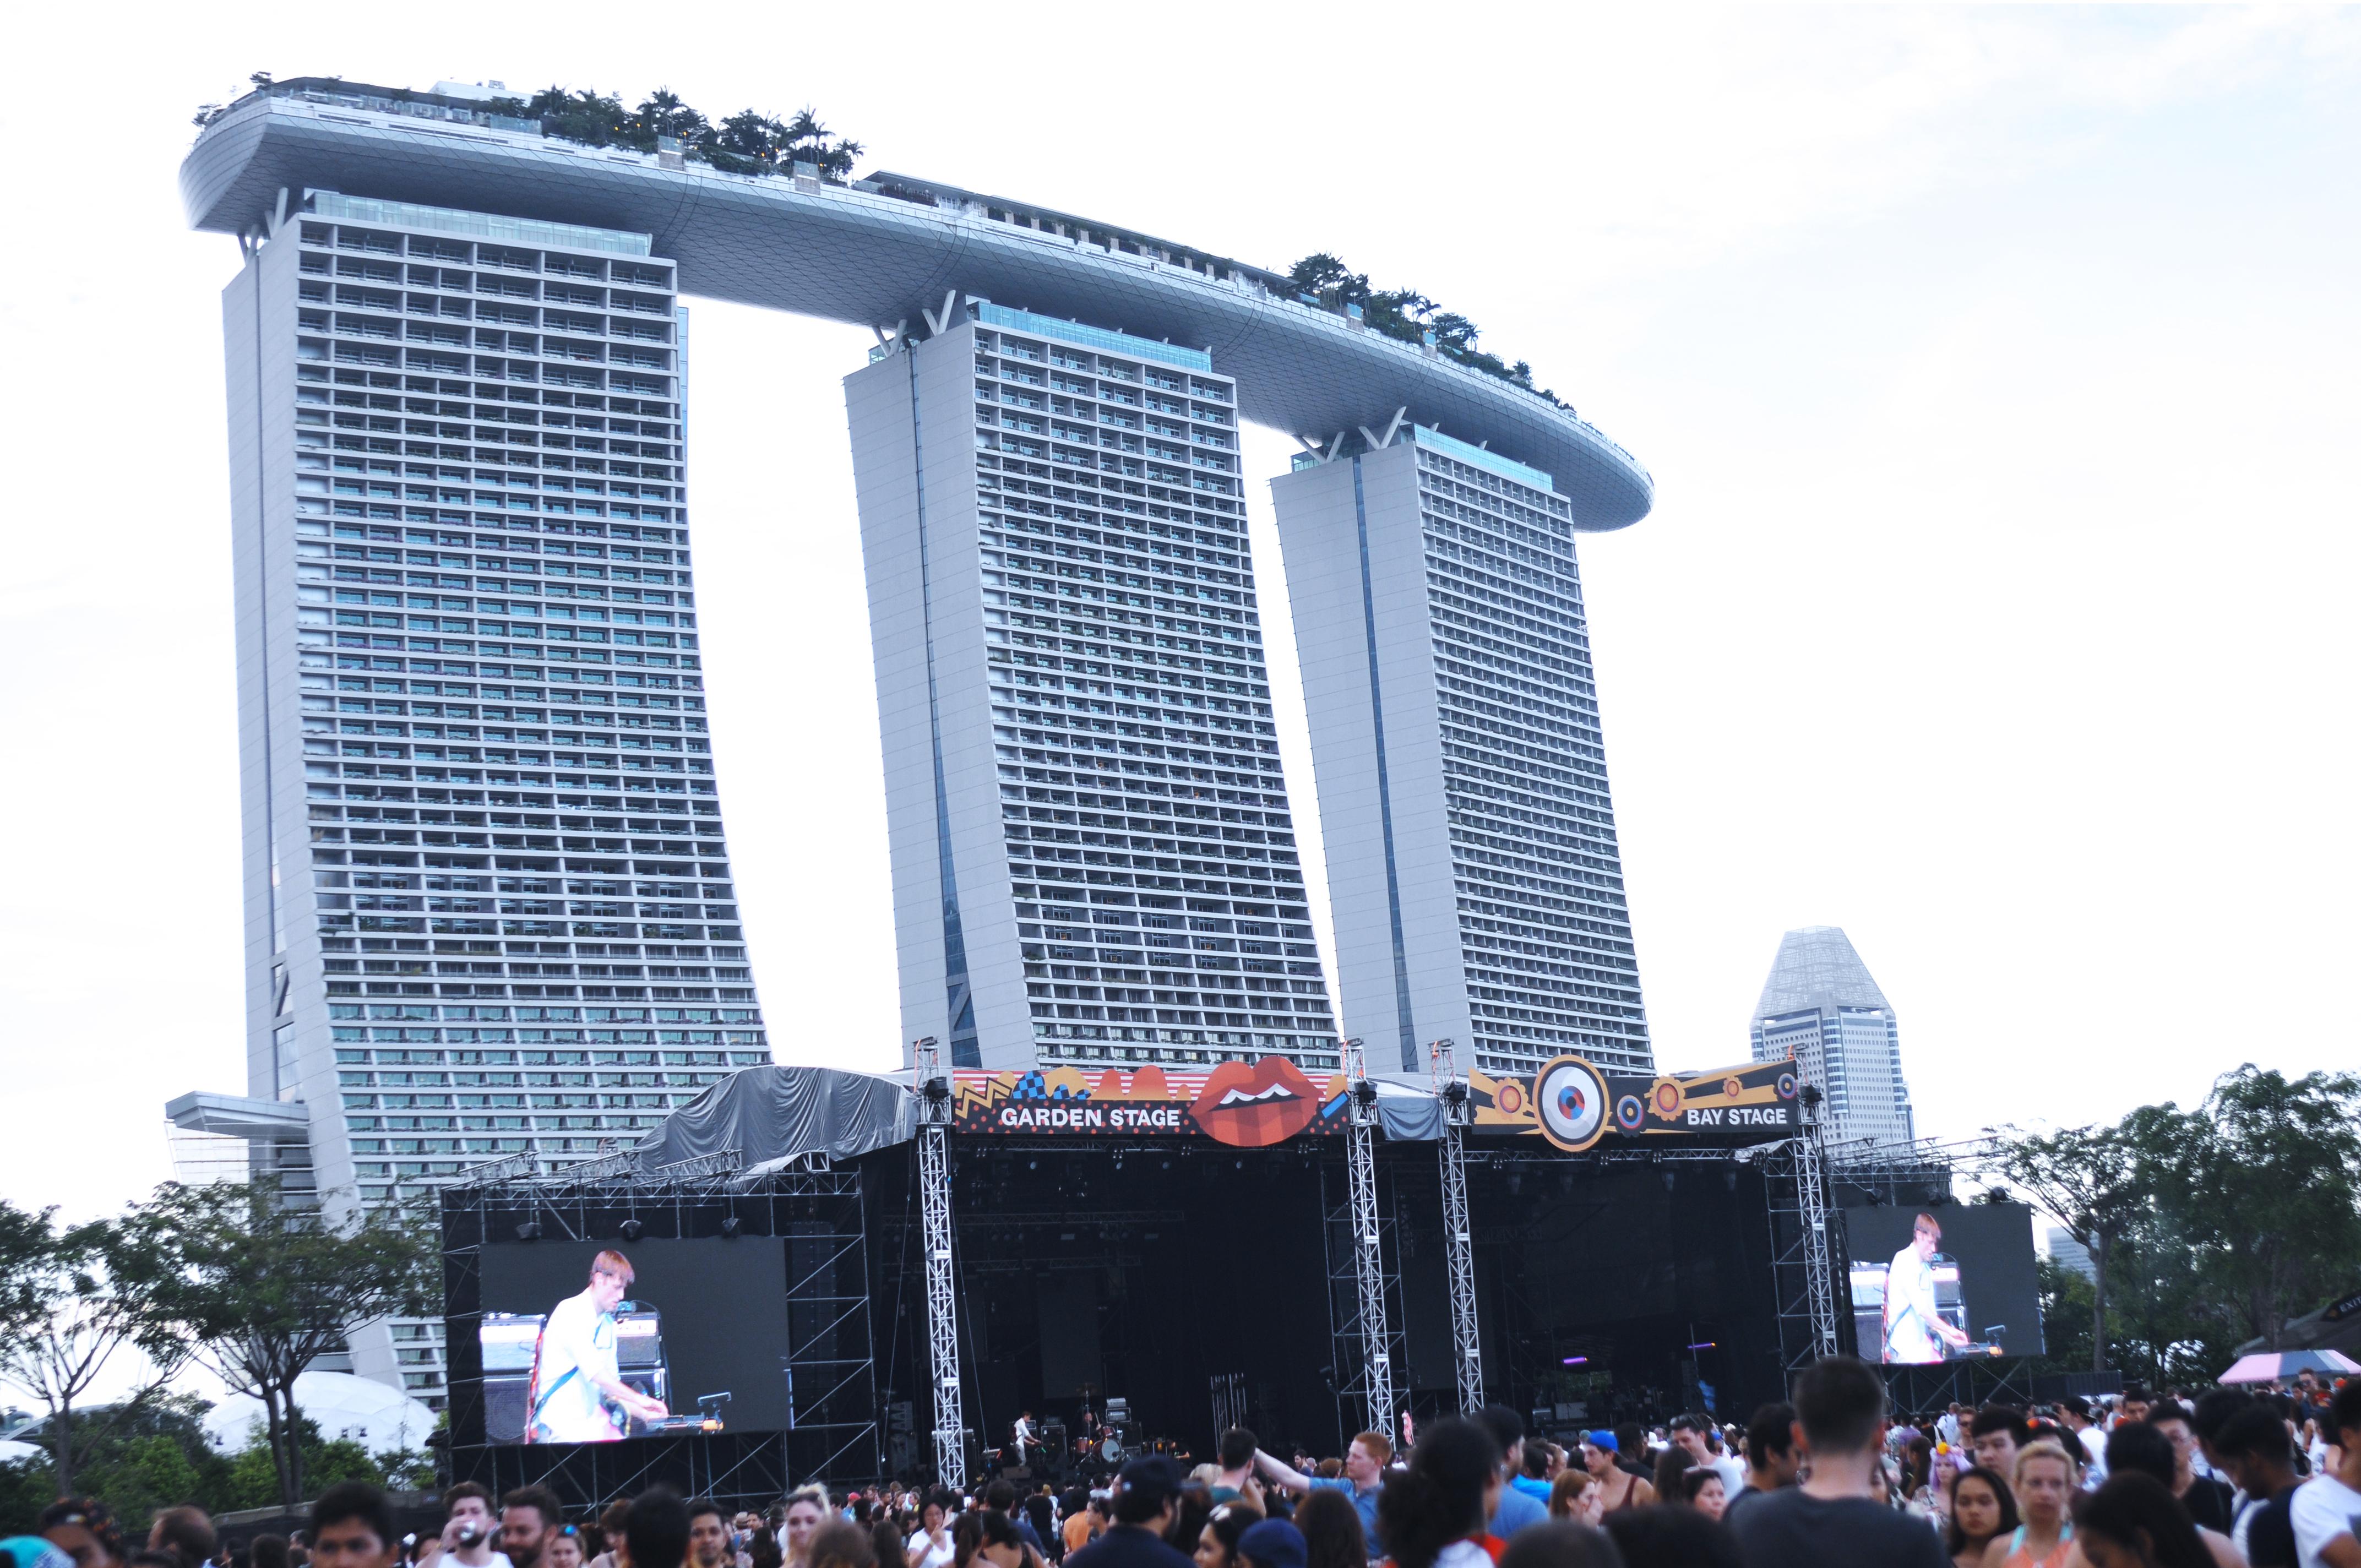 St. Jerome's Laneway Festival Singapore : Masih Menjadi Festival Musik 'Gacoan' Asia Tenggara